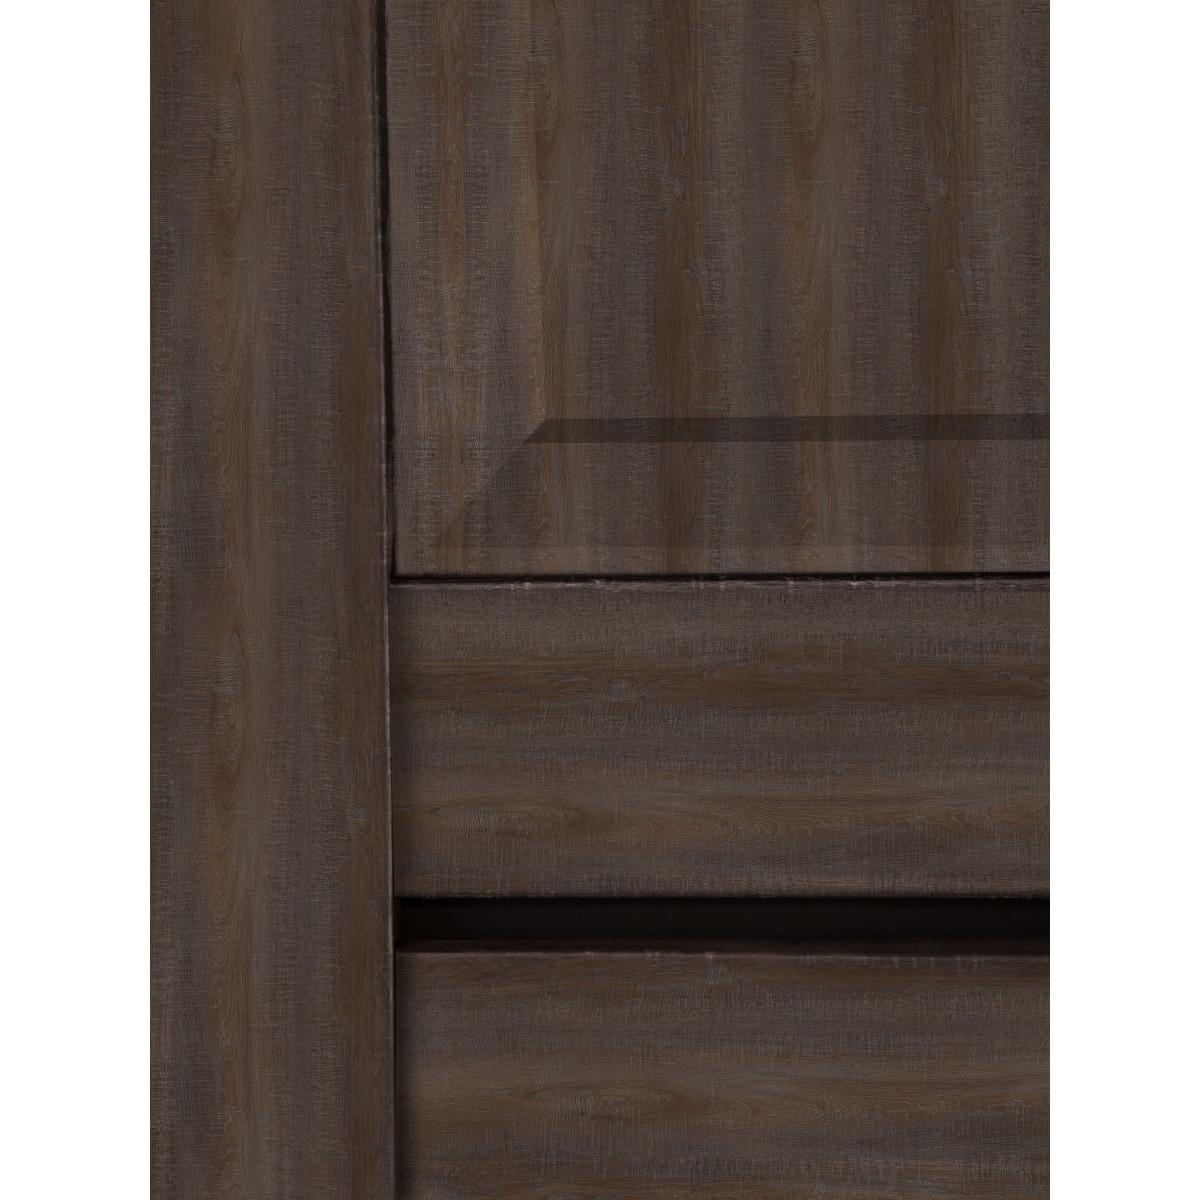 Дверь Межкомнатная Гранде 90Х200 Cpl Цвет Дуб Соубери С Фурнитурой